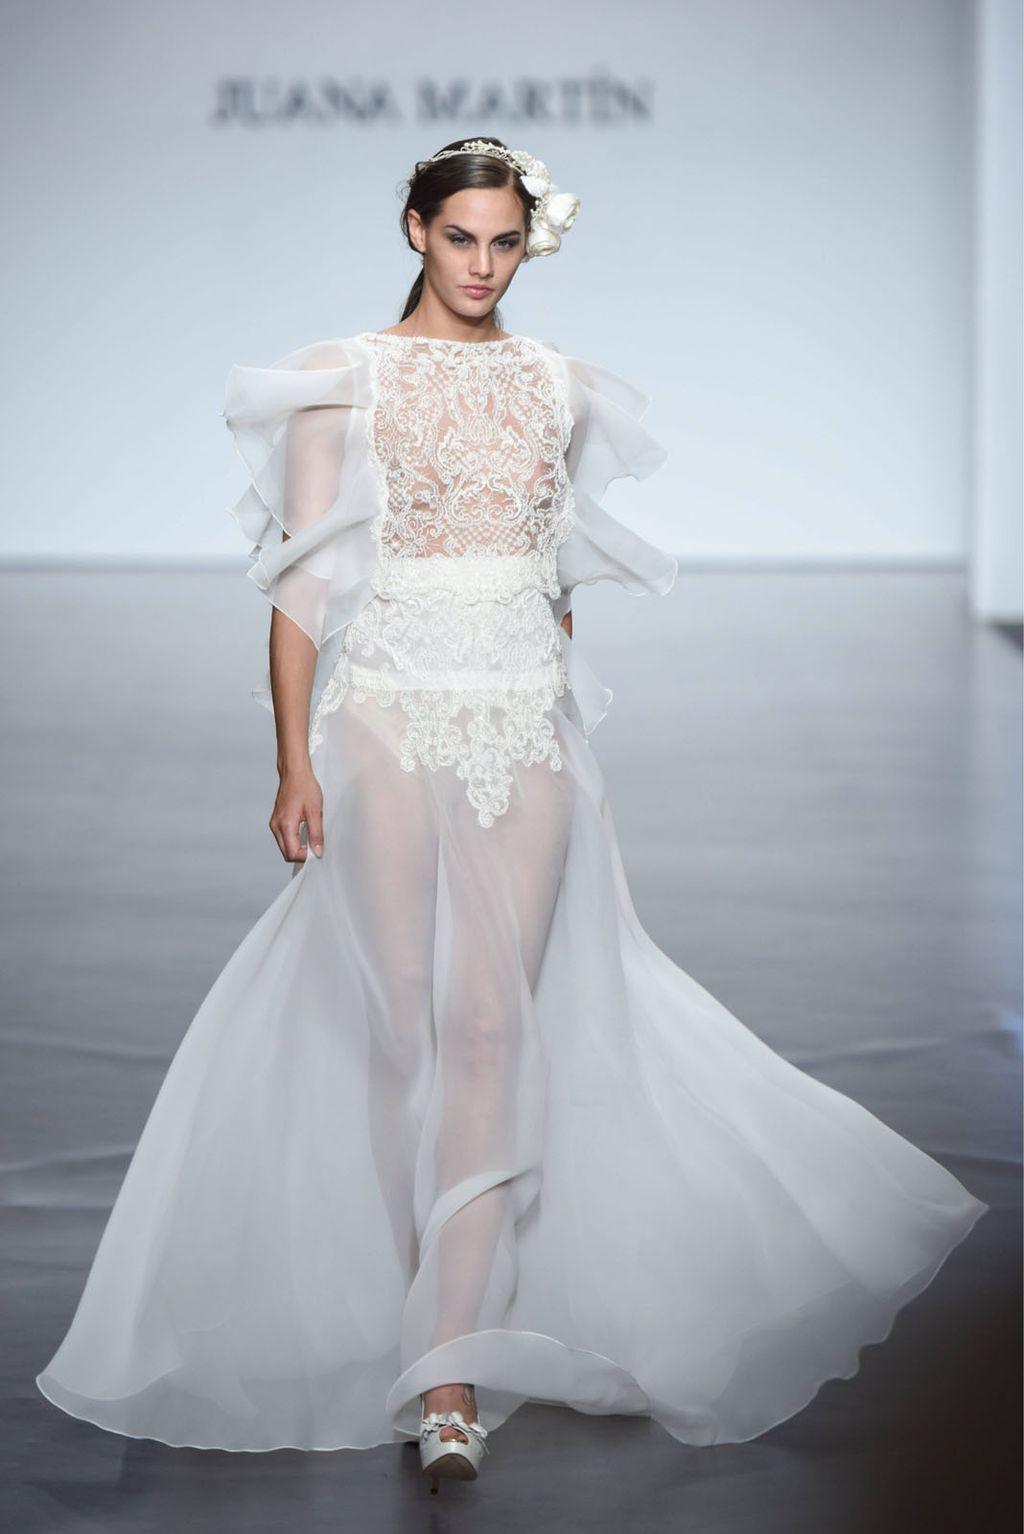 Tolle Freie Menschen Hochzeitskleider Galerie - Hochzeit Kleid Stile ...